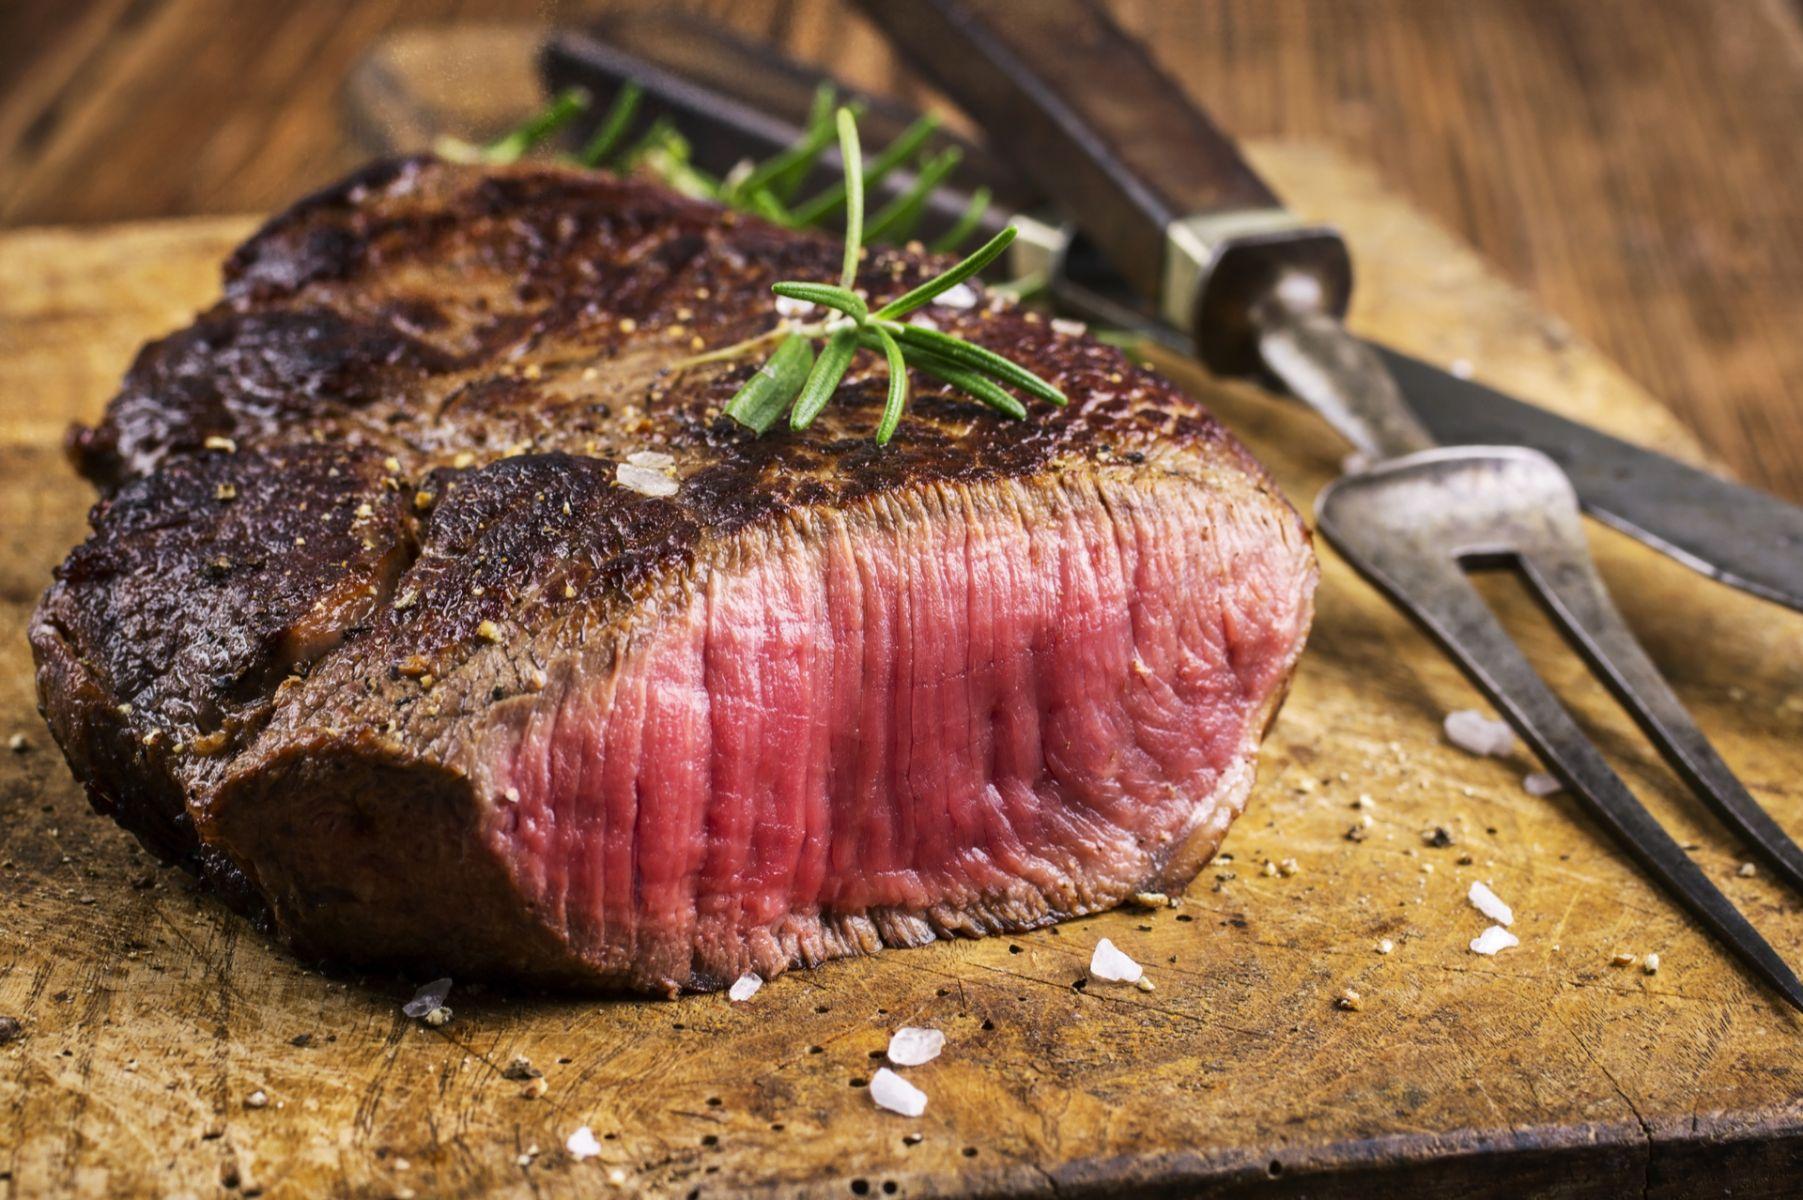 加工肉、紅肉會致癌?避免高溫、不過量 致癌風險都不高